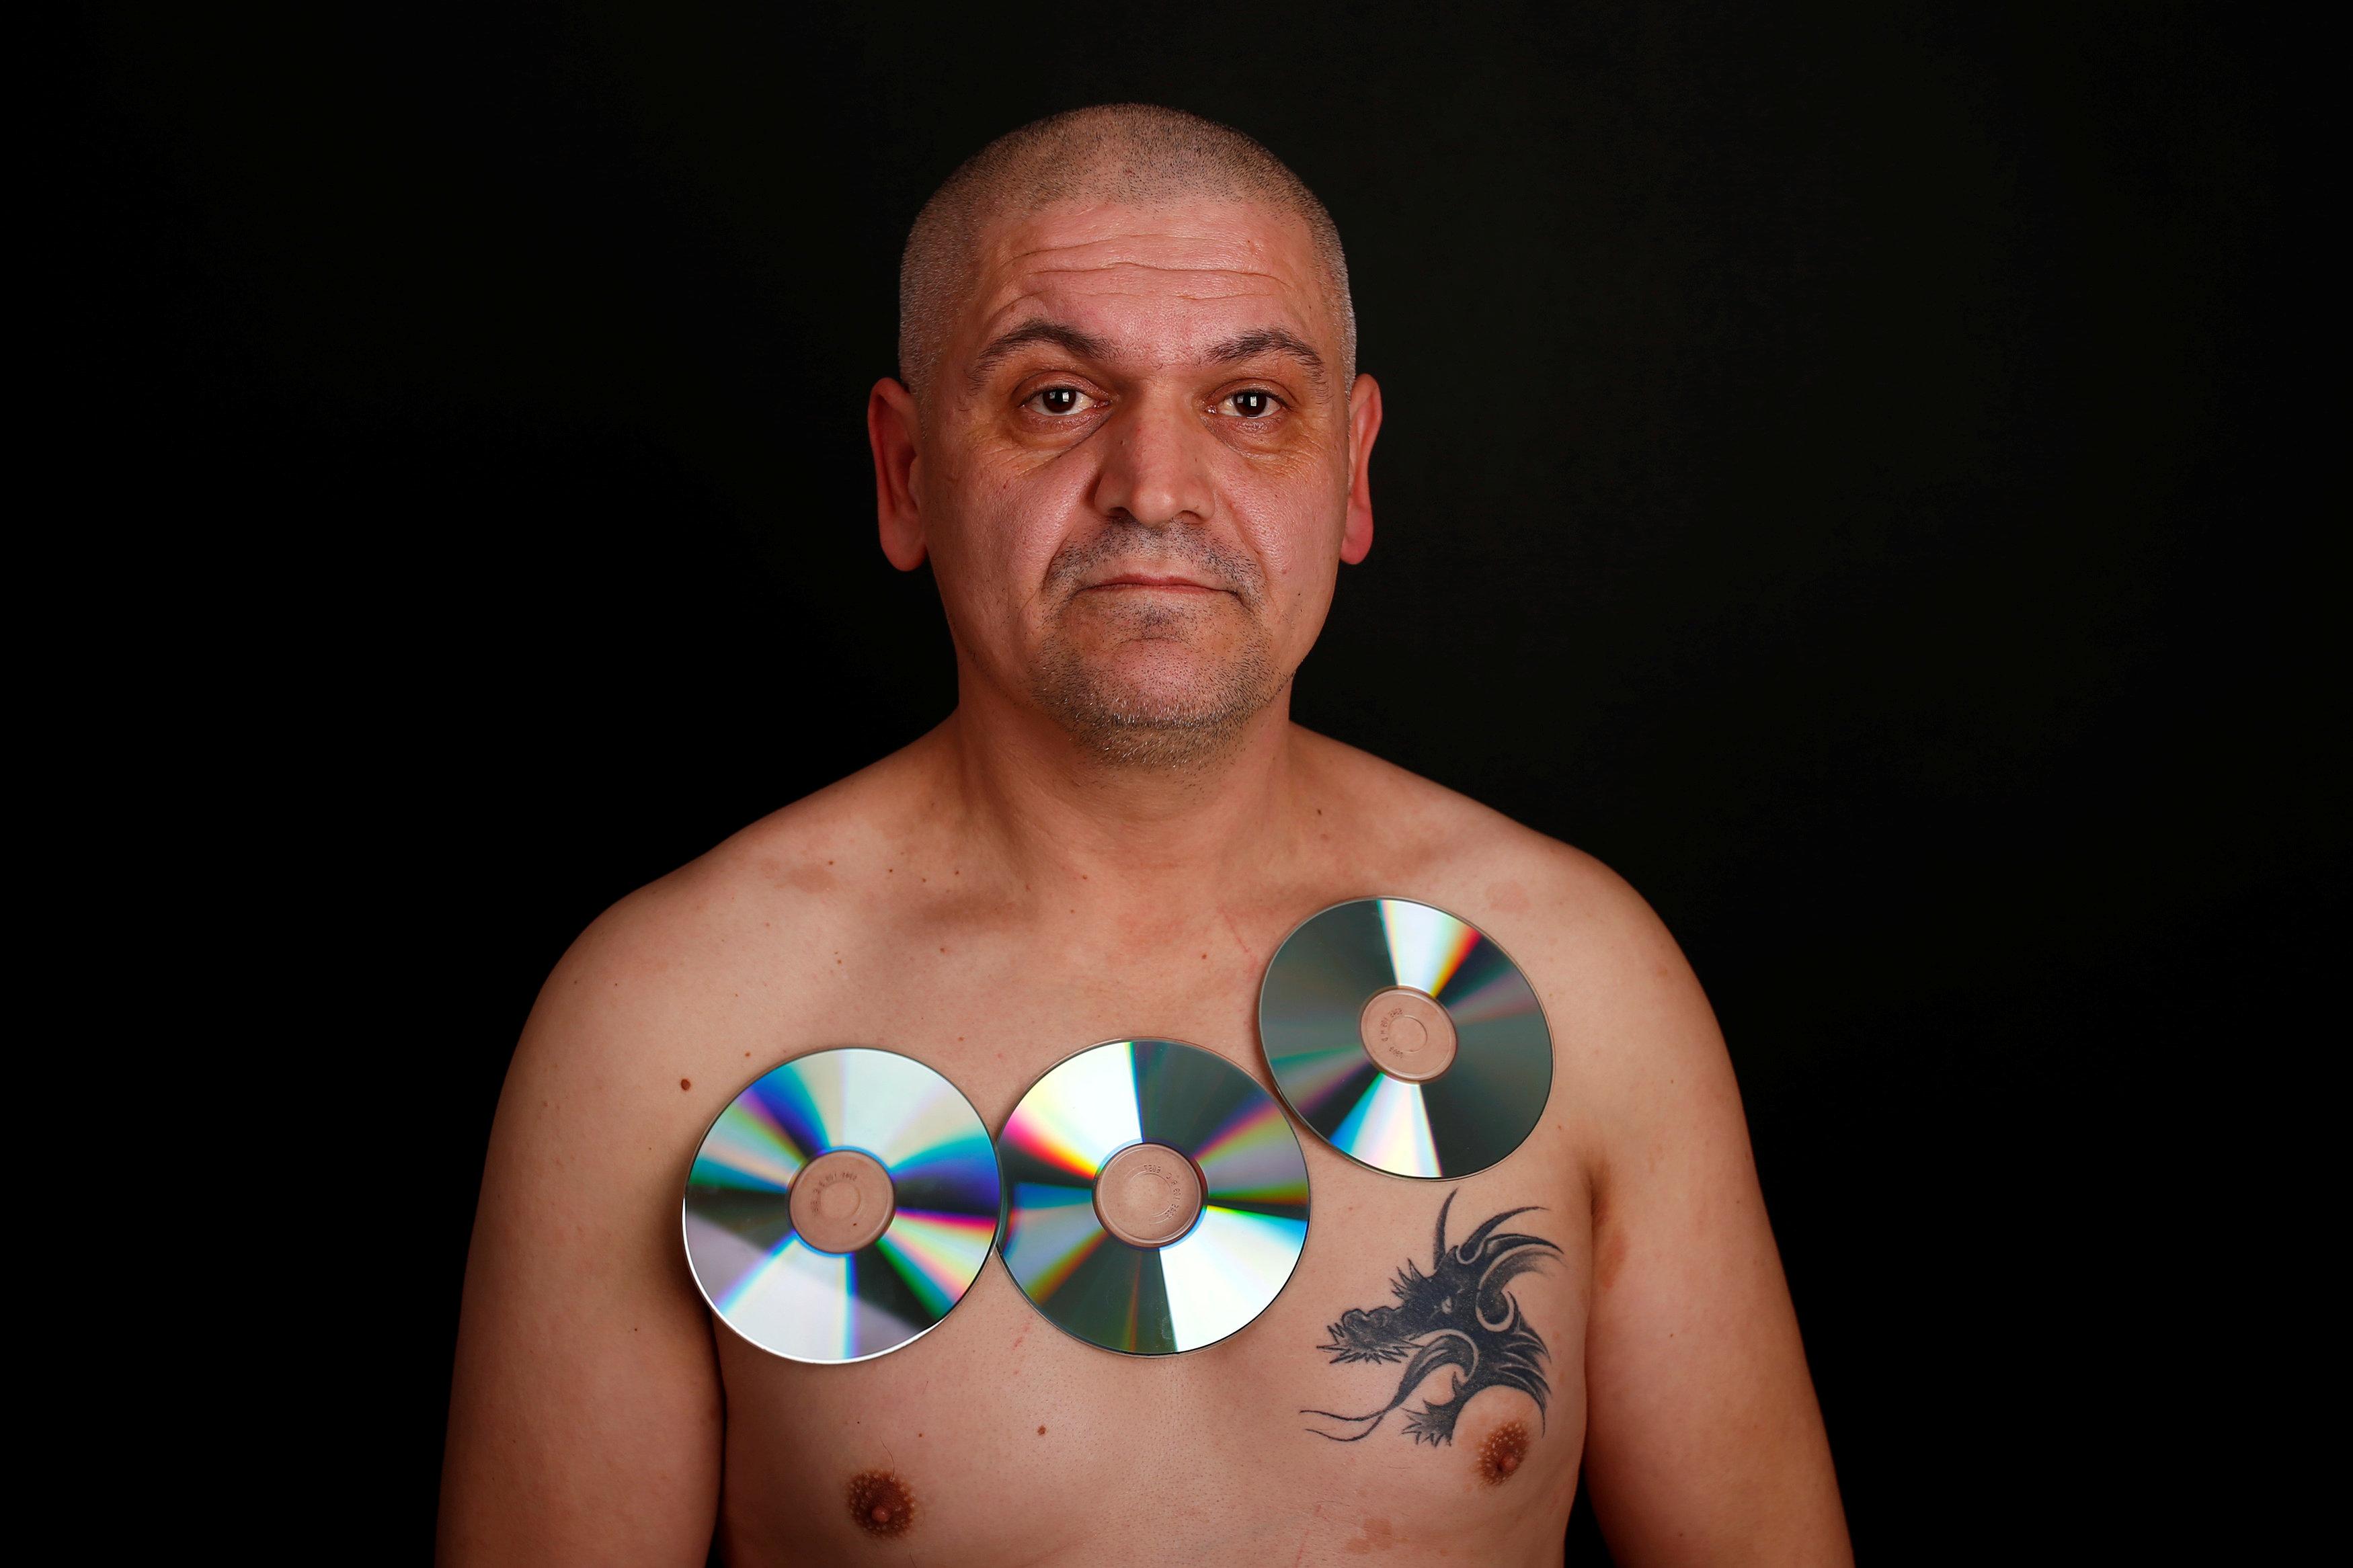 """9b8f5ebe03dd3 """"صدق أو لا تصدق"""" بالصور.. شخص يمتلك قدرات غريبة تجعل جسده كالمغناطيس  الثلاثاء"""